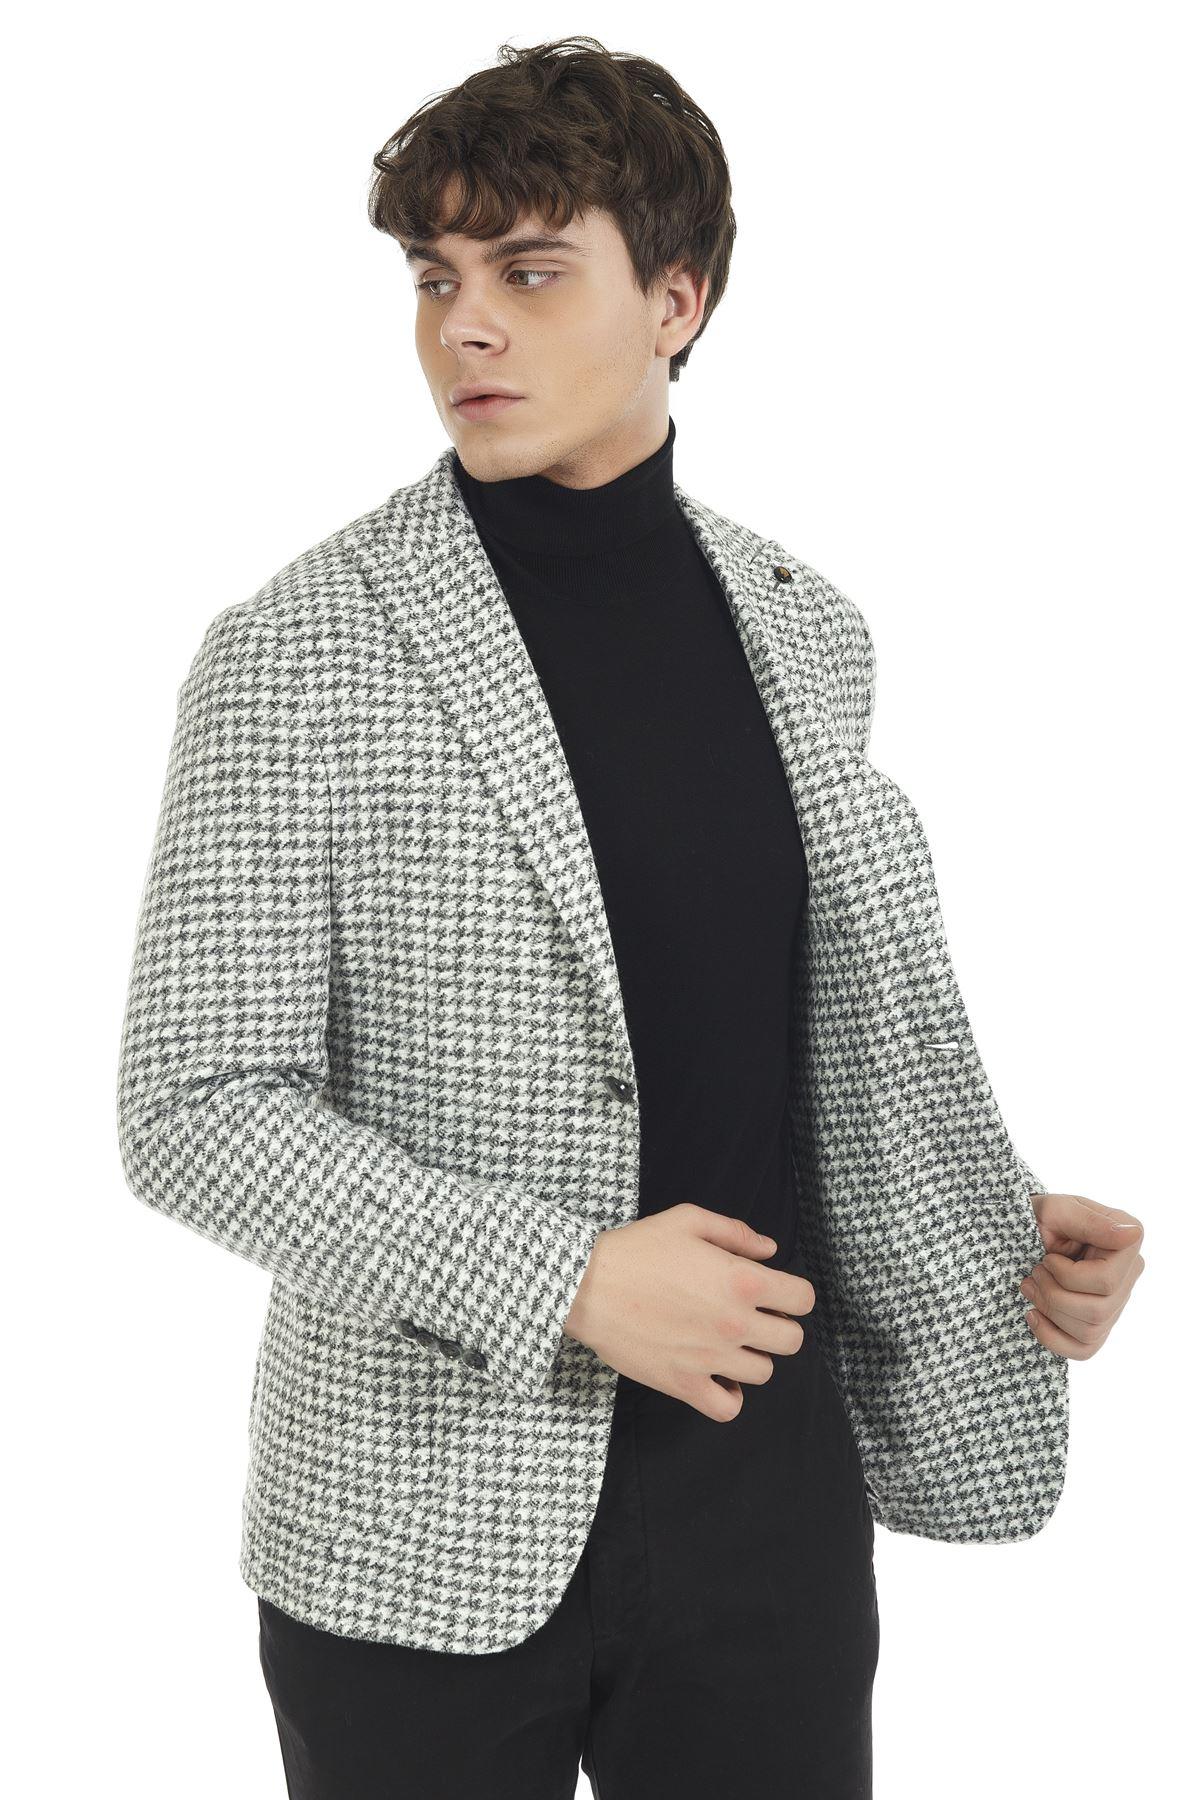 Siyah Beyaz Desenli Malzemesiz Süper Slim Yün Ceket